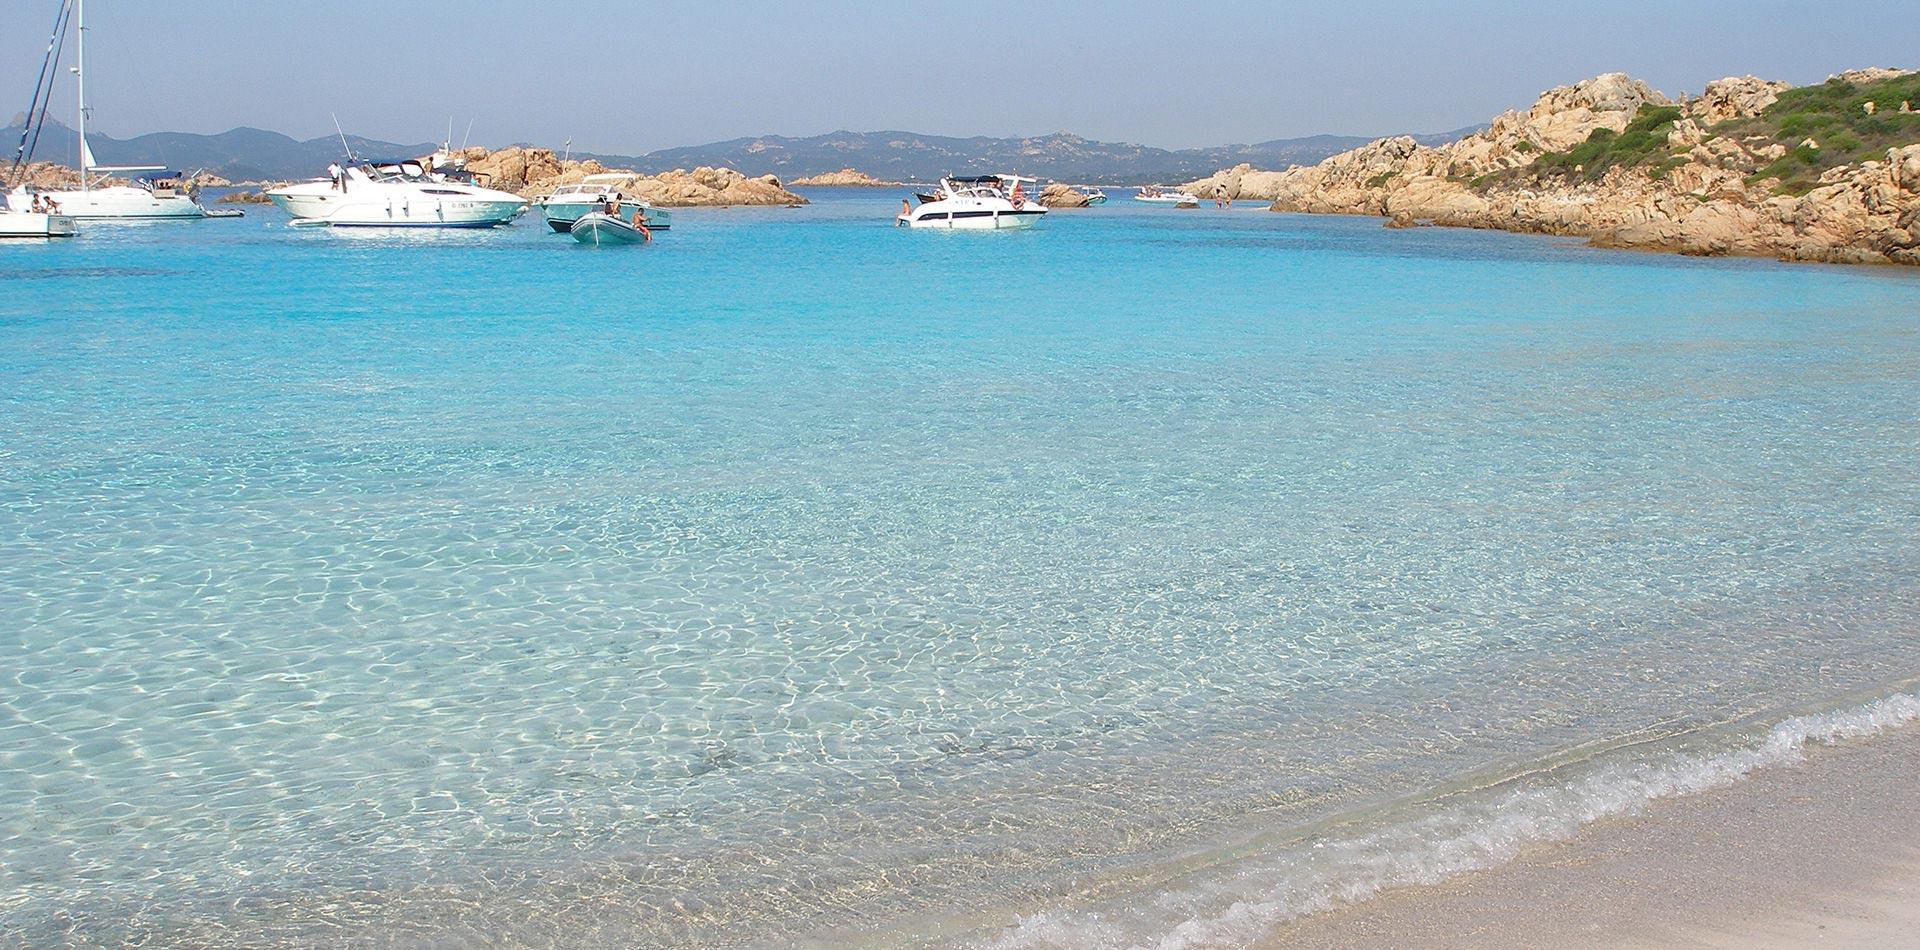 Immobili Luxury in Sardegna | L'immobiliare Sardegna